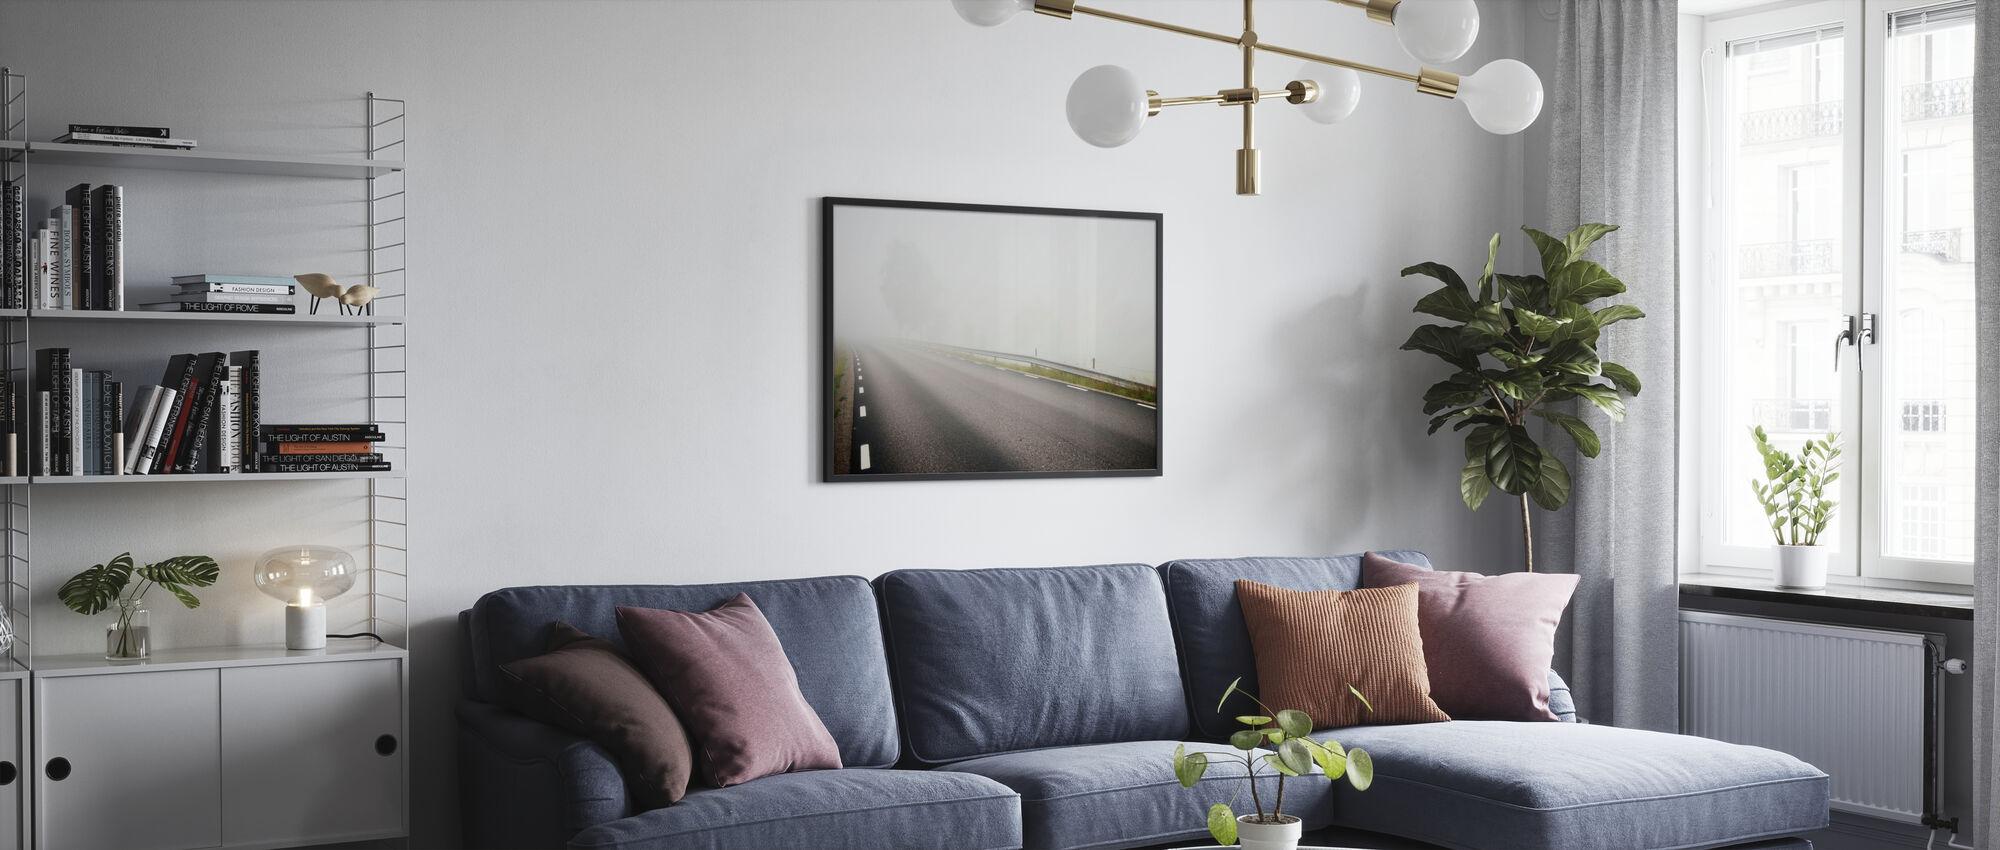 Misty Road in Småland, Sweden - Poster - Living Room